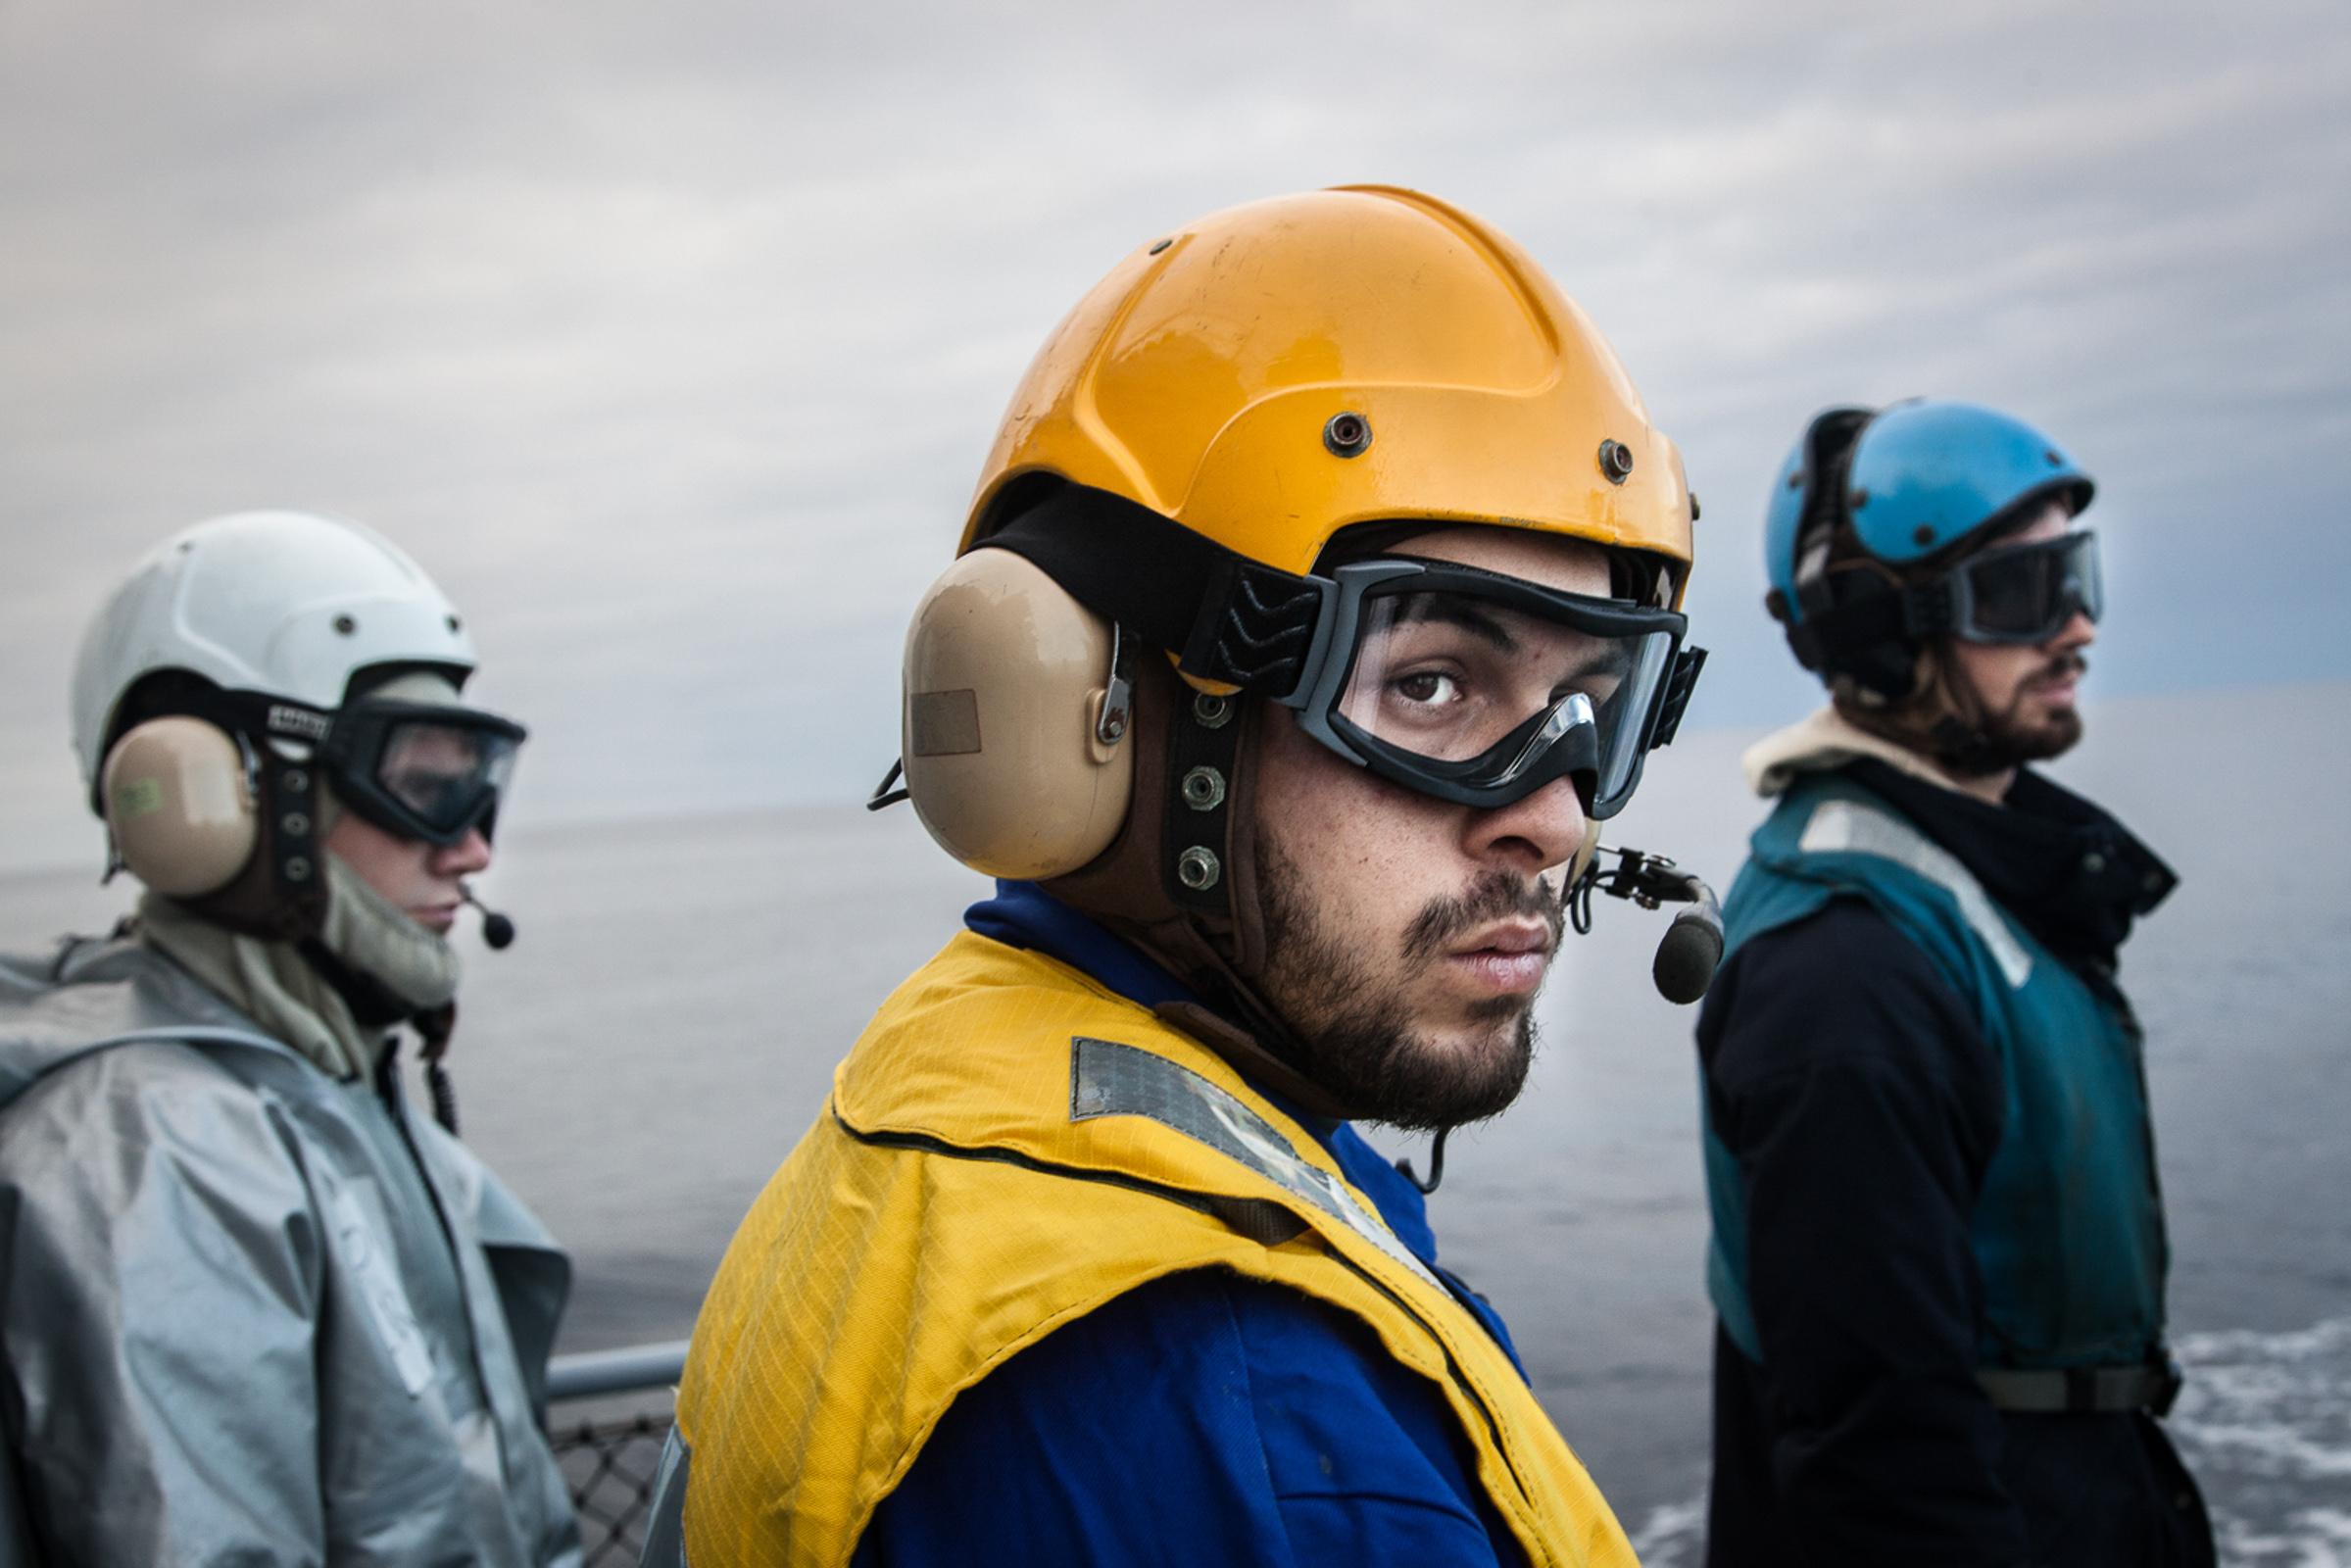 """Mer méditerrannée, 02.12.2015. Arrivée d'un hélicoptère sur la frégate le """"Jean Bart"""", lors d'exercices interarmées."""